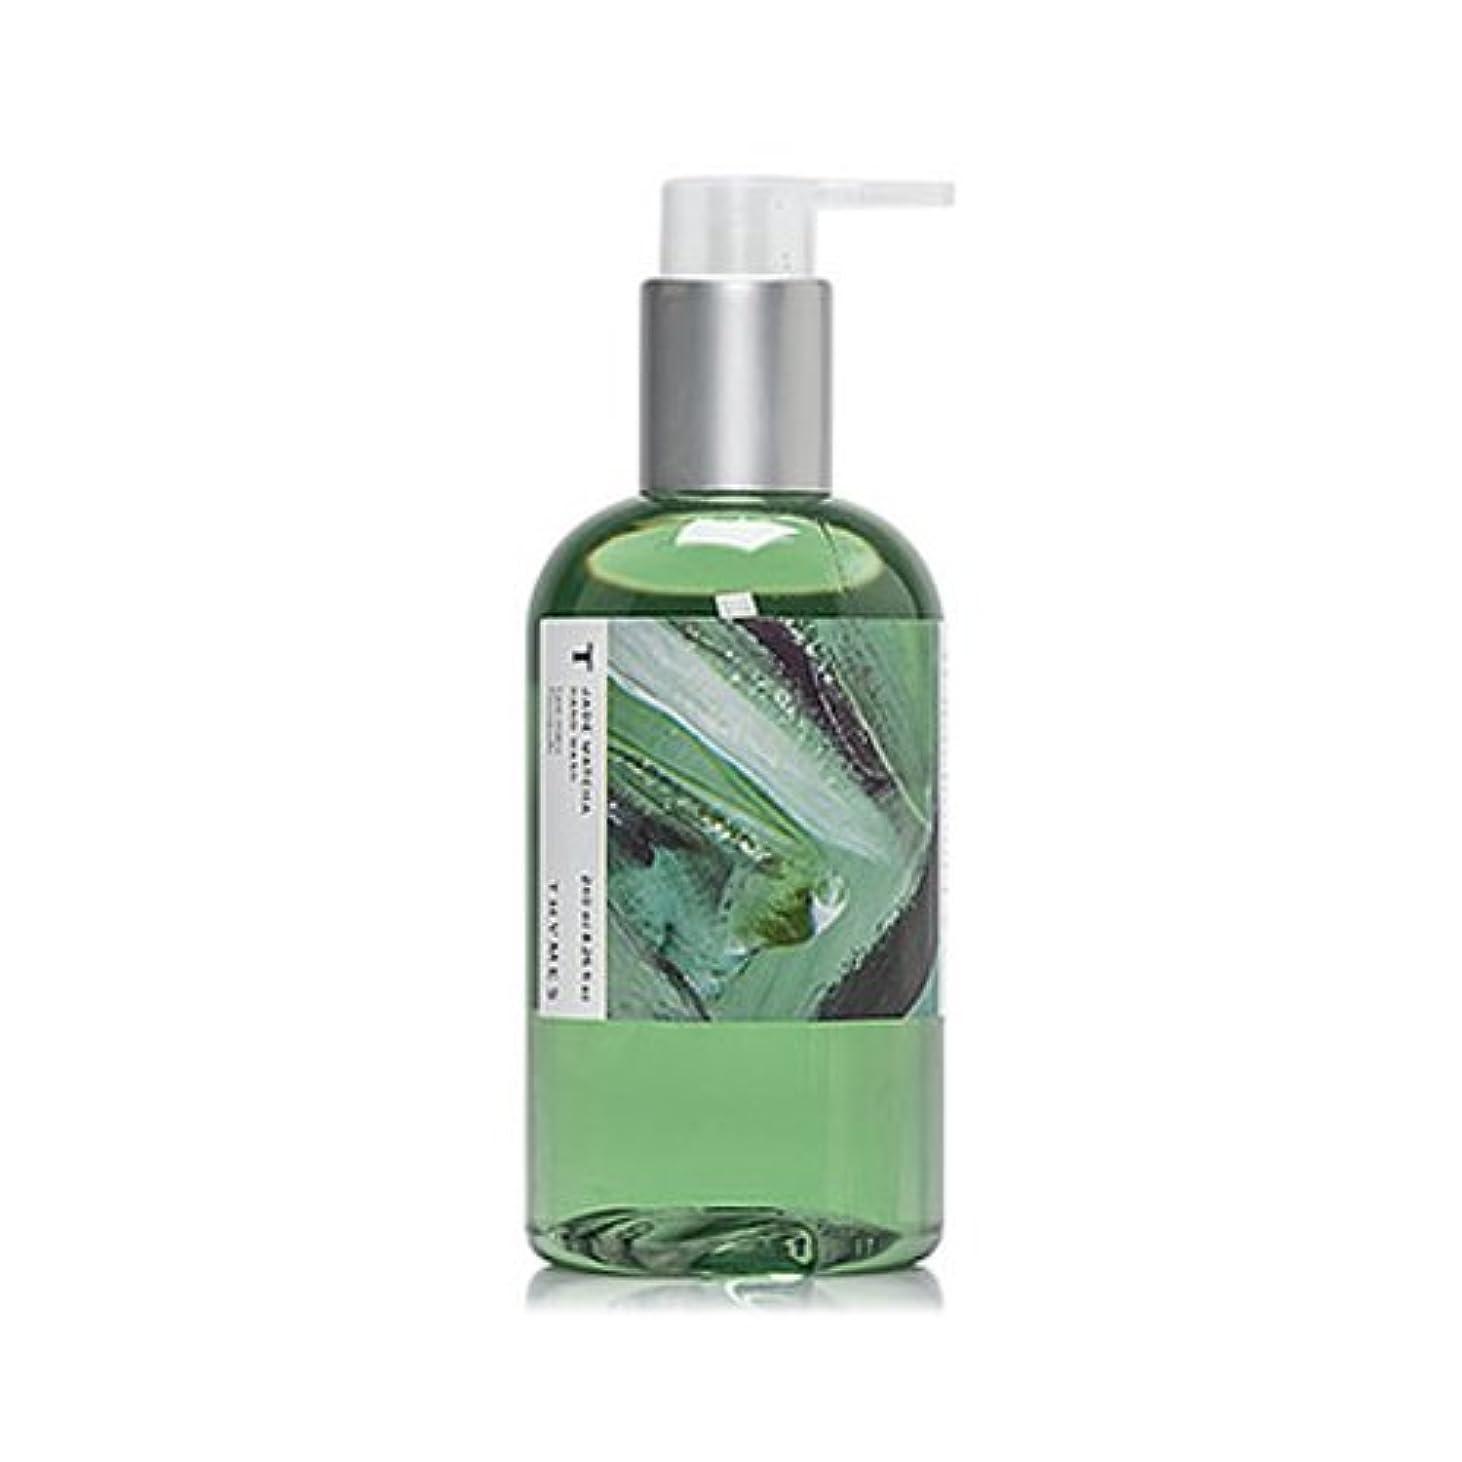 競うアナログセマフォTHYMES タイムズ ハンドウォッシュ 240ml ジェイド抹茶 Hand Wash 8.25 fl oz Jade Matcha [並行輸入品]